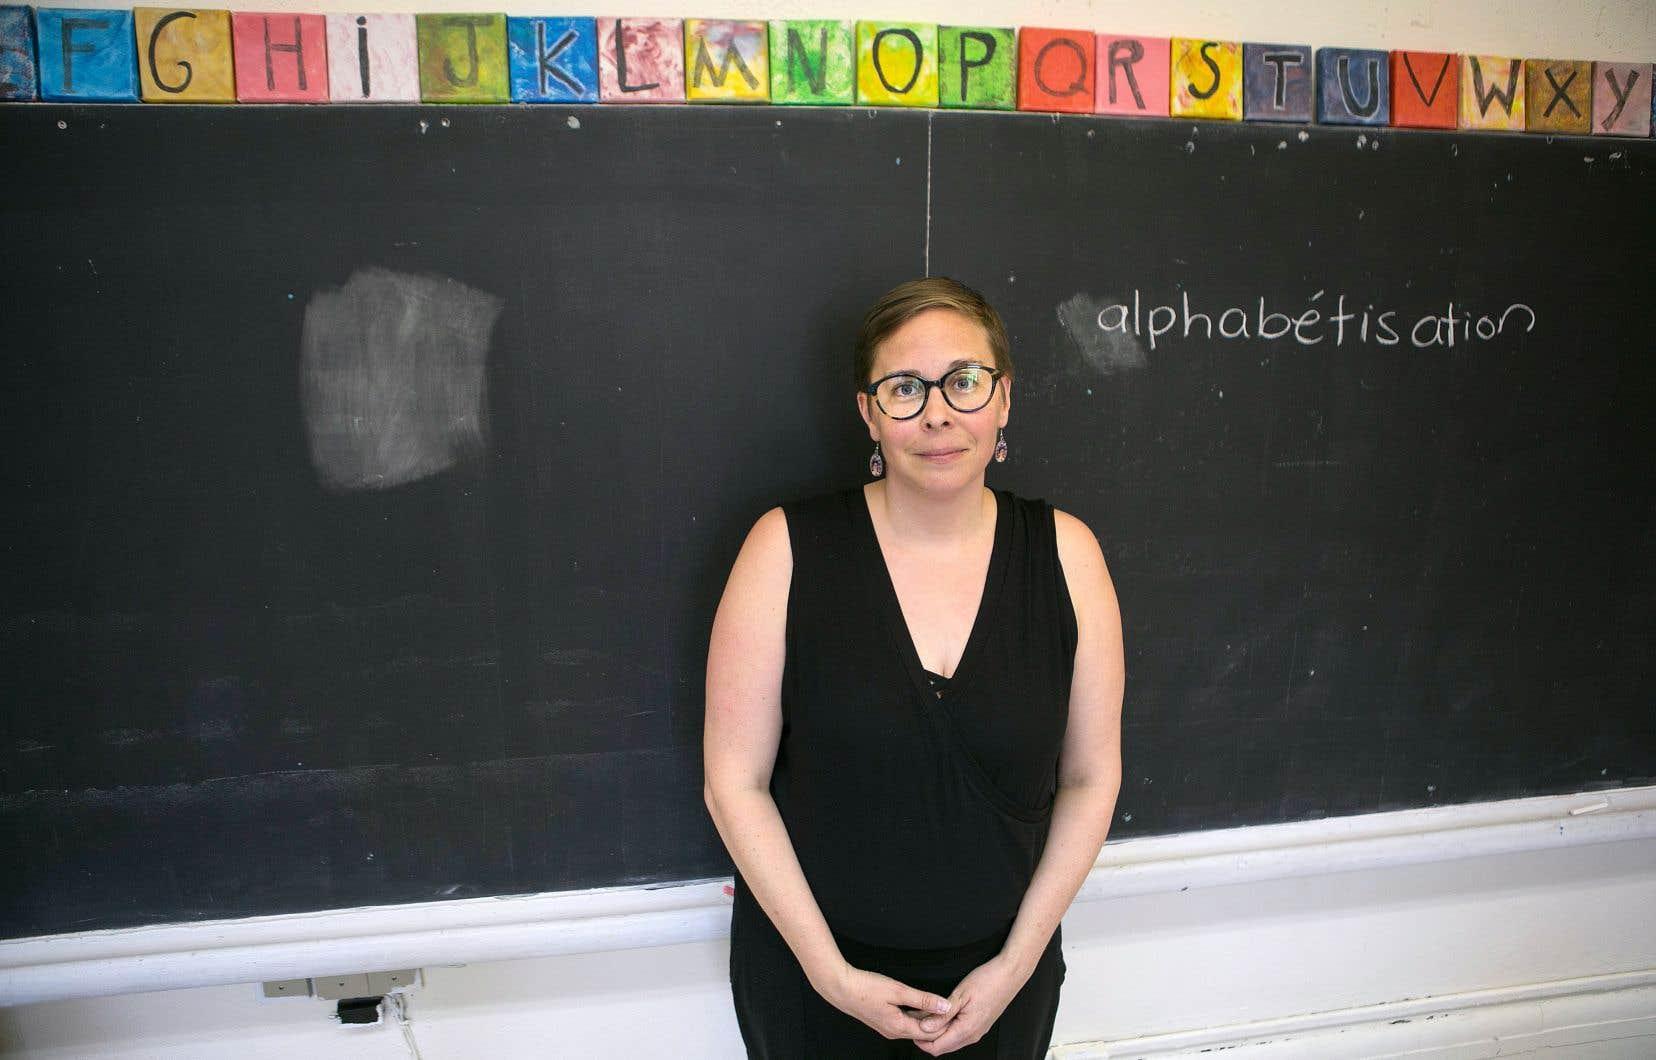 Sa classe est vide en cet après-midi, mais Noémie Pomerleau-Cloutier parle des participants à l'Atelier — qui offre aux adultes analphabètes et peu scolarisés l'occasion d'apprendre à lire, à écrire, à compter et à communiquer — comme s'ils étaient là.